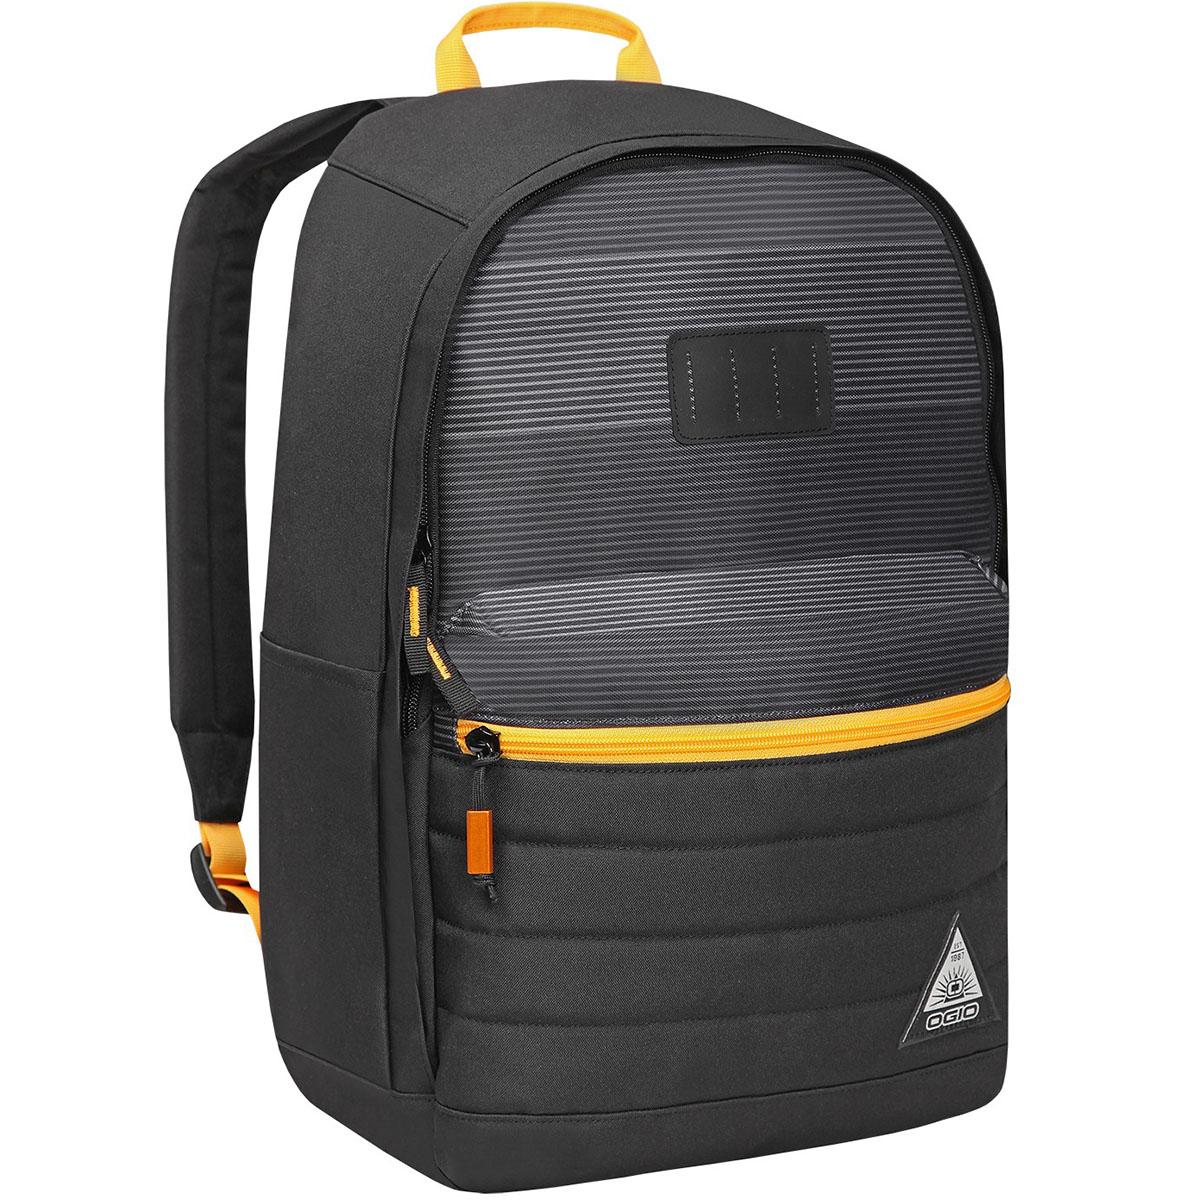 Рюкзак городской Urban. Lewis Pack (A/S), цвет: темно-серый, желтый. 031652226968031652226968Компактный, но при этом достаточно вместительный рюкзак от Ogio. Имеется специализированный отсек для ноутбука а также уплотненный карман для ценных вещей на молнии. Внешний передний и боковой карманы на вертикальной молнии обеспечивают быстрый доступ к содержимому, позволяя всегда держать необходимые аксессуары и документы поблизости.